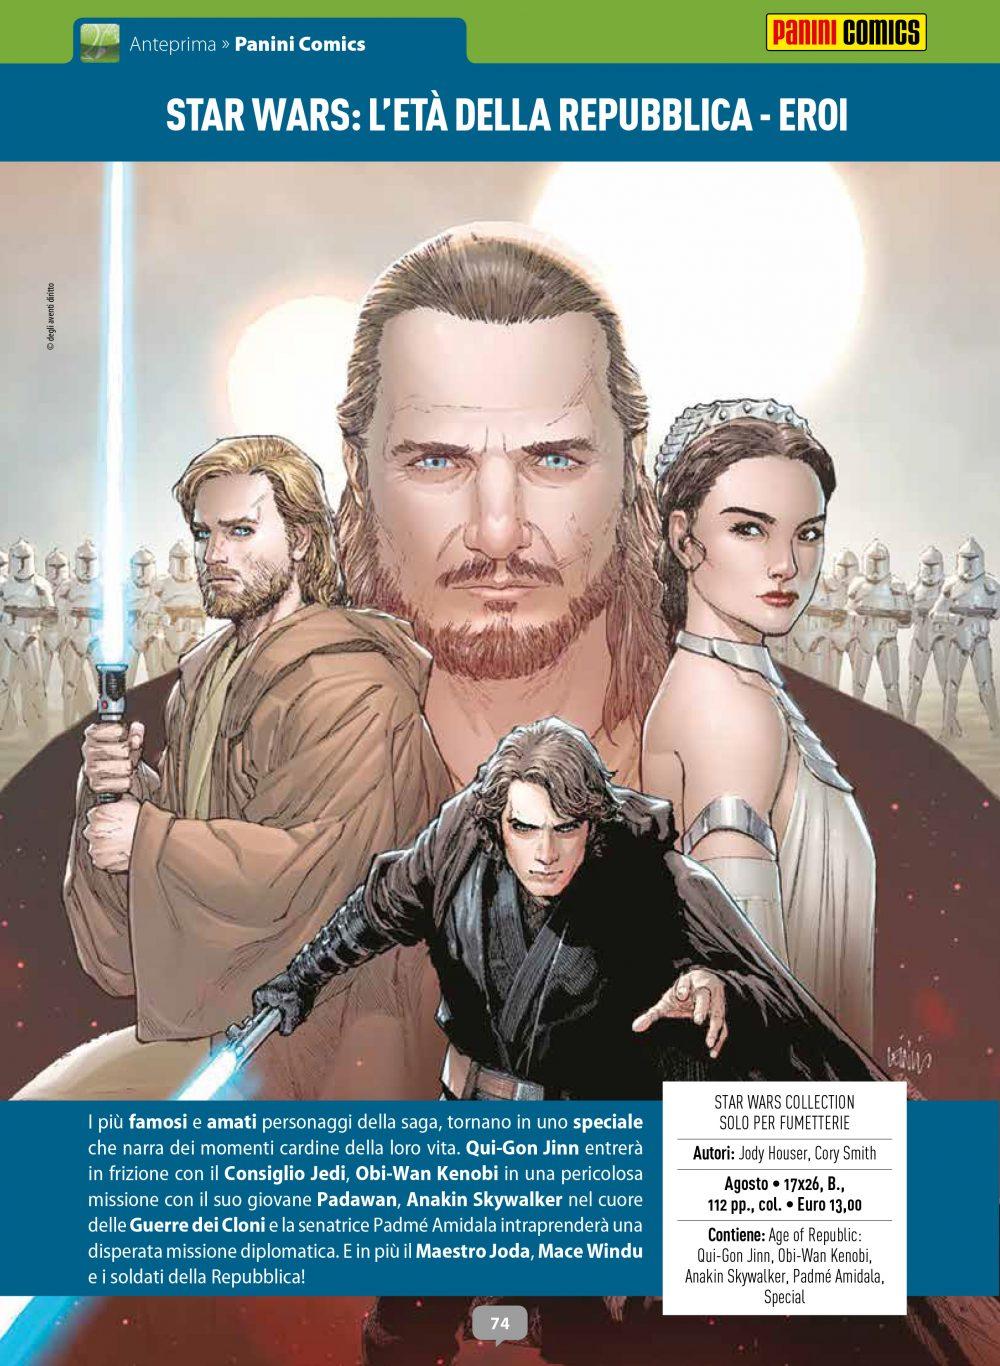 Star Wars - L'Età della Repubblica: Eroi, su Anteprima